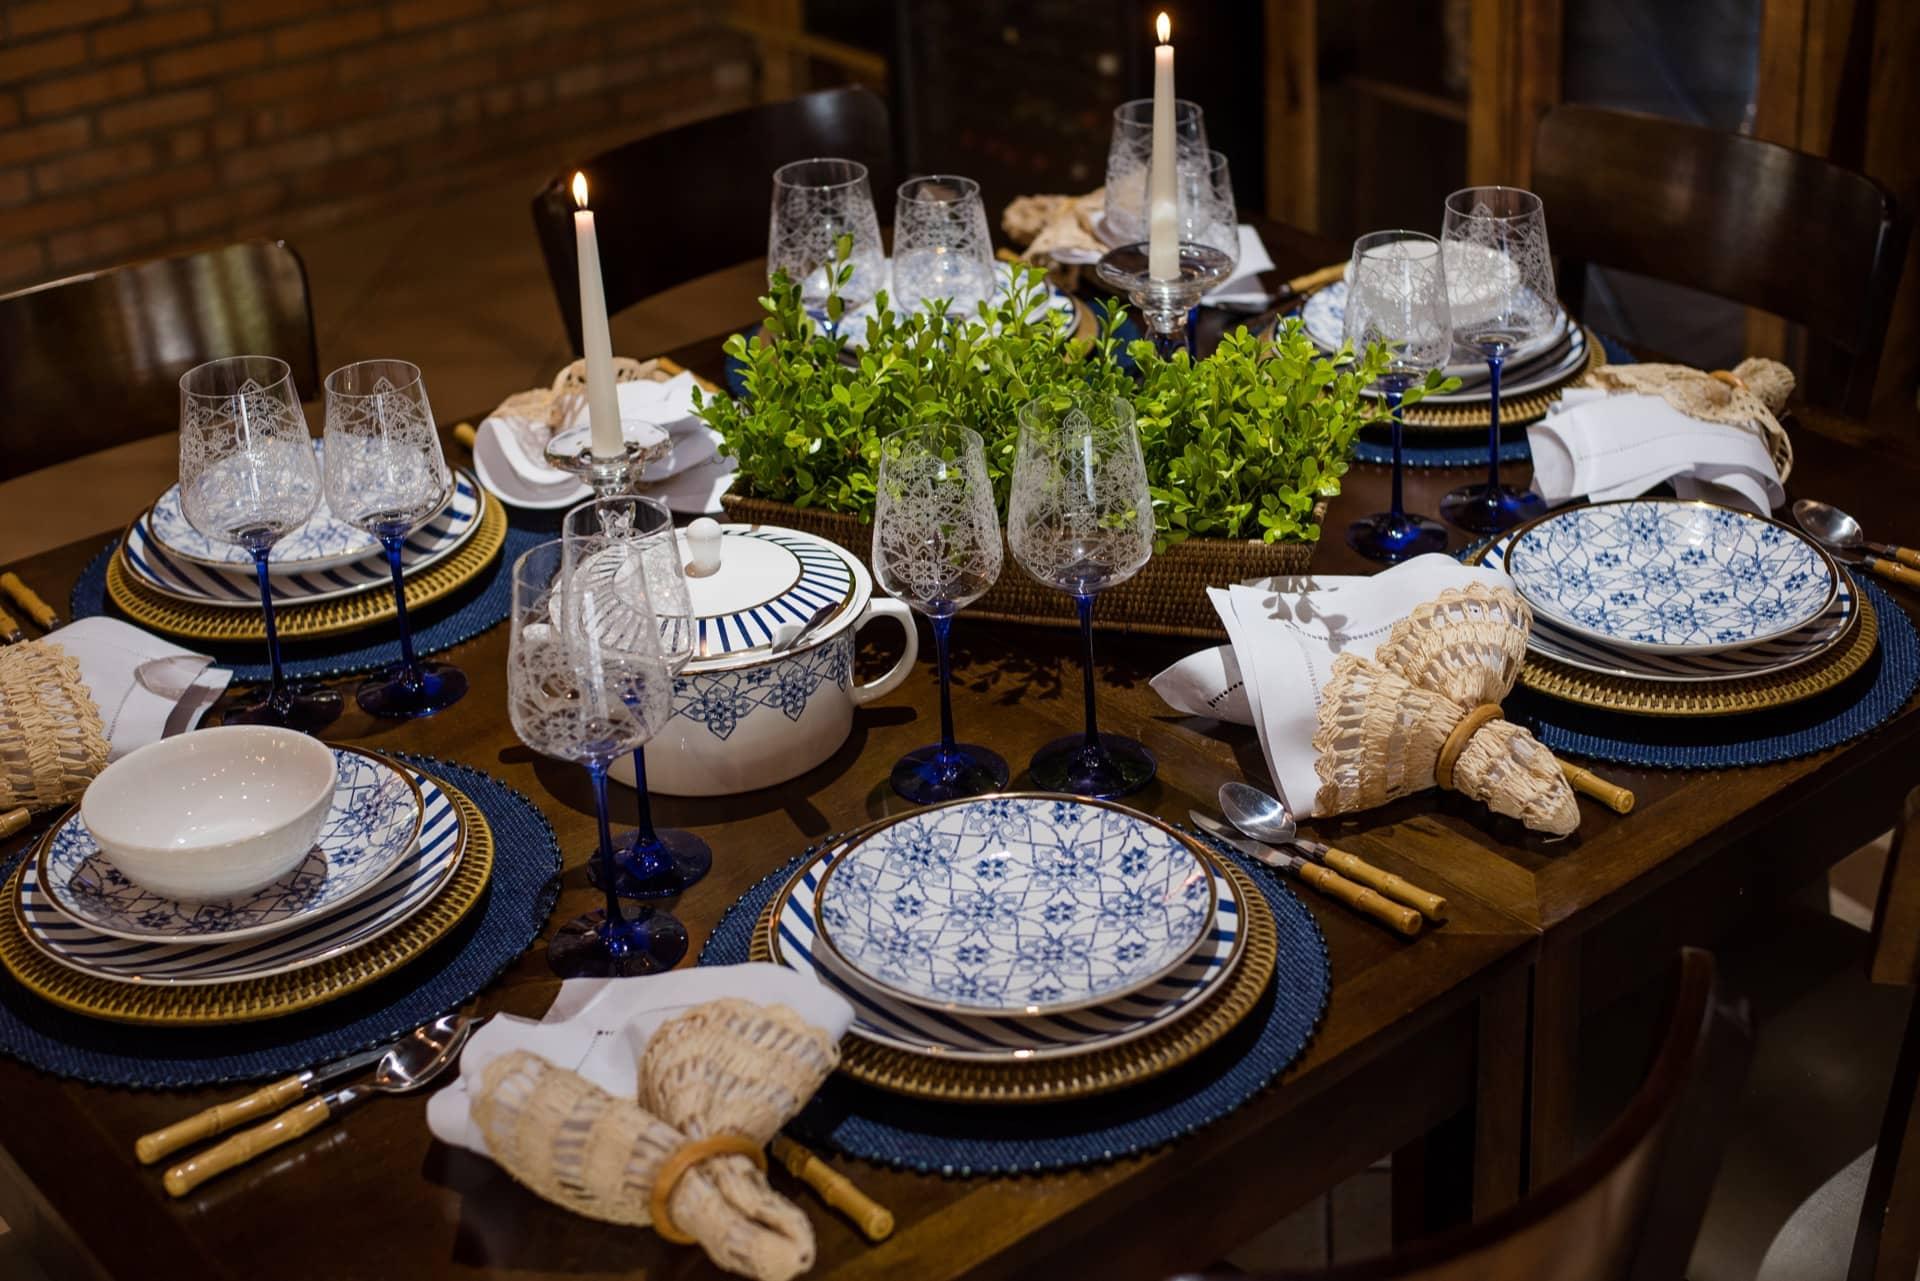 Imagem: No jantarzinho chique, os arabescos da louça portuguesa e as listras em tom de azul cobalto atualizam o jogo de jantar Coup Lusitana da Oxford Porcelanas. Foto: Karla Rudnick. Produção: Ateliê da Mesa